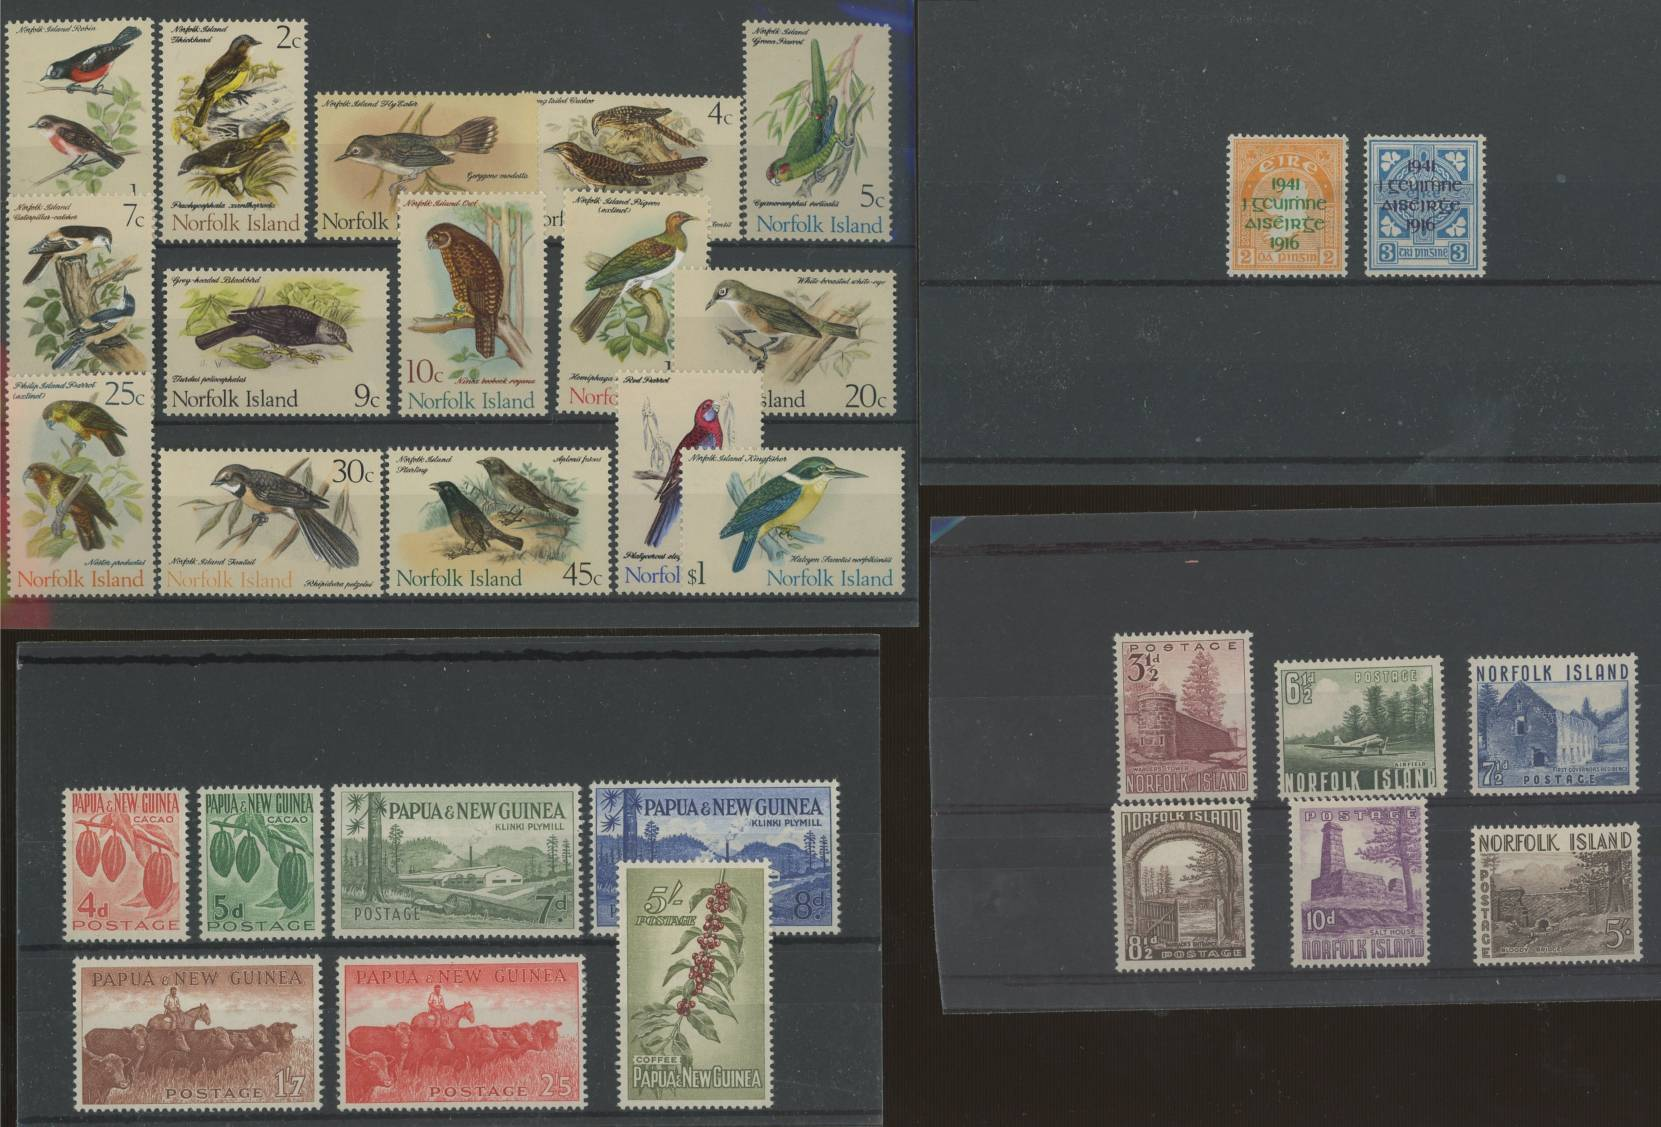 Ireland 1941 Easter Rising set U/M, Norfolk Is 1953 set M, 1970 Bird set M & PNG 1958 set M.